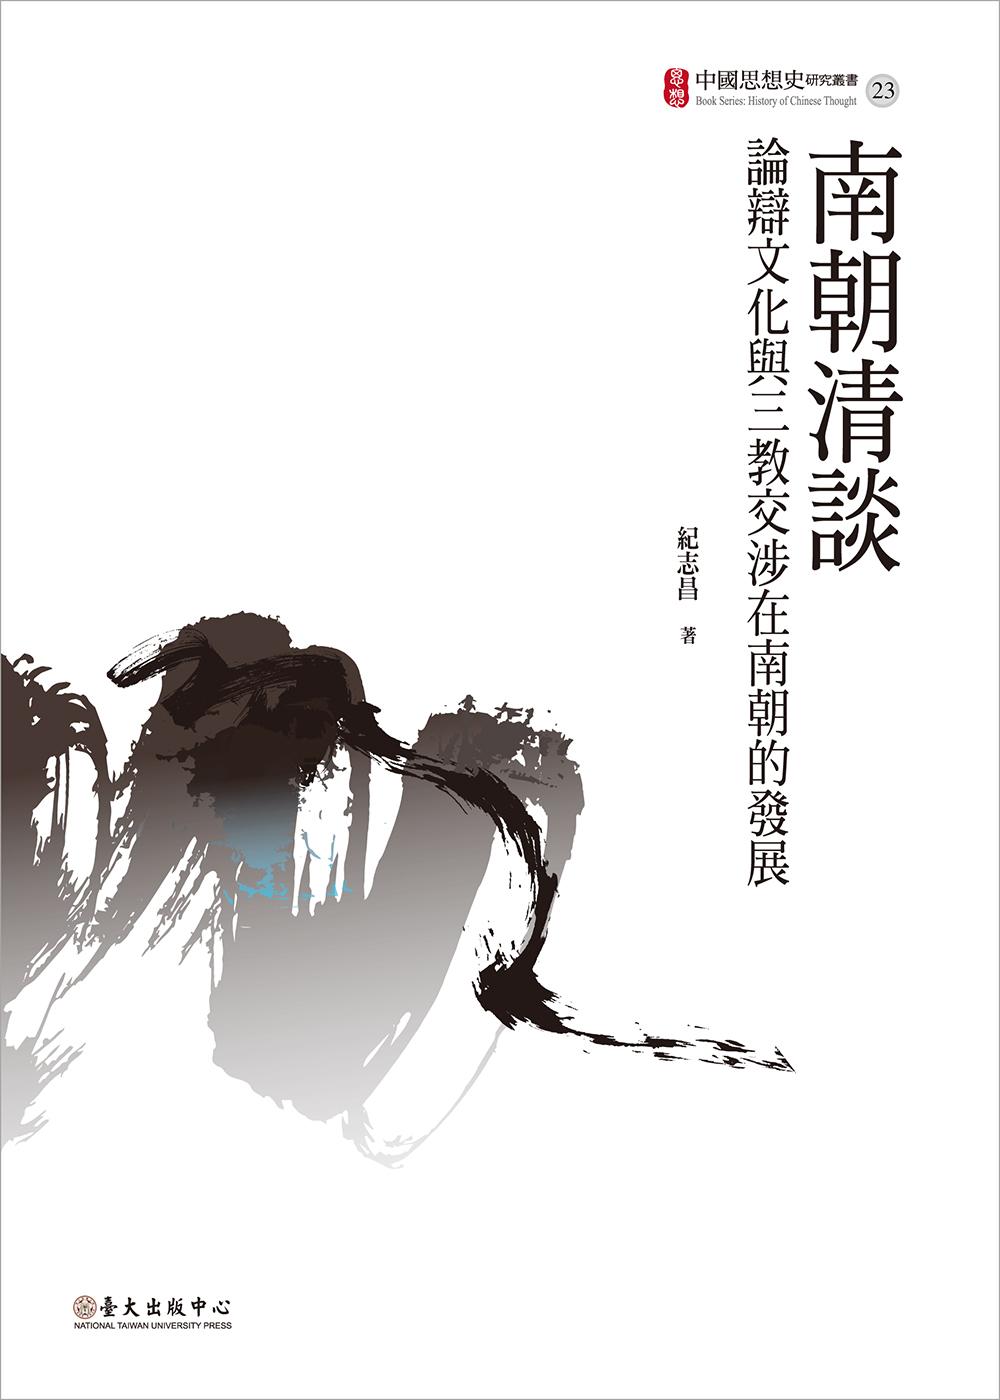 南朝清談──論辯文化與三教交涉在南朝的發展